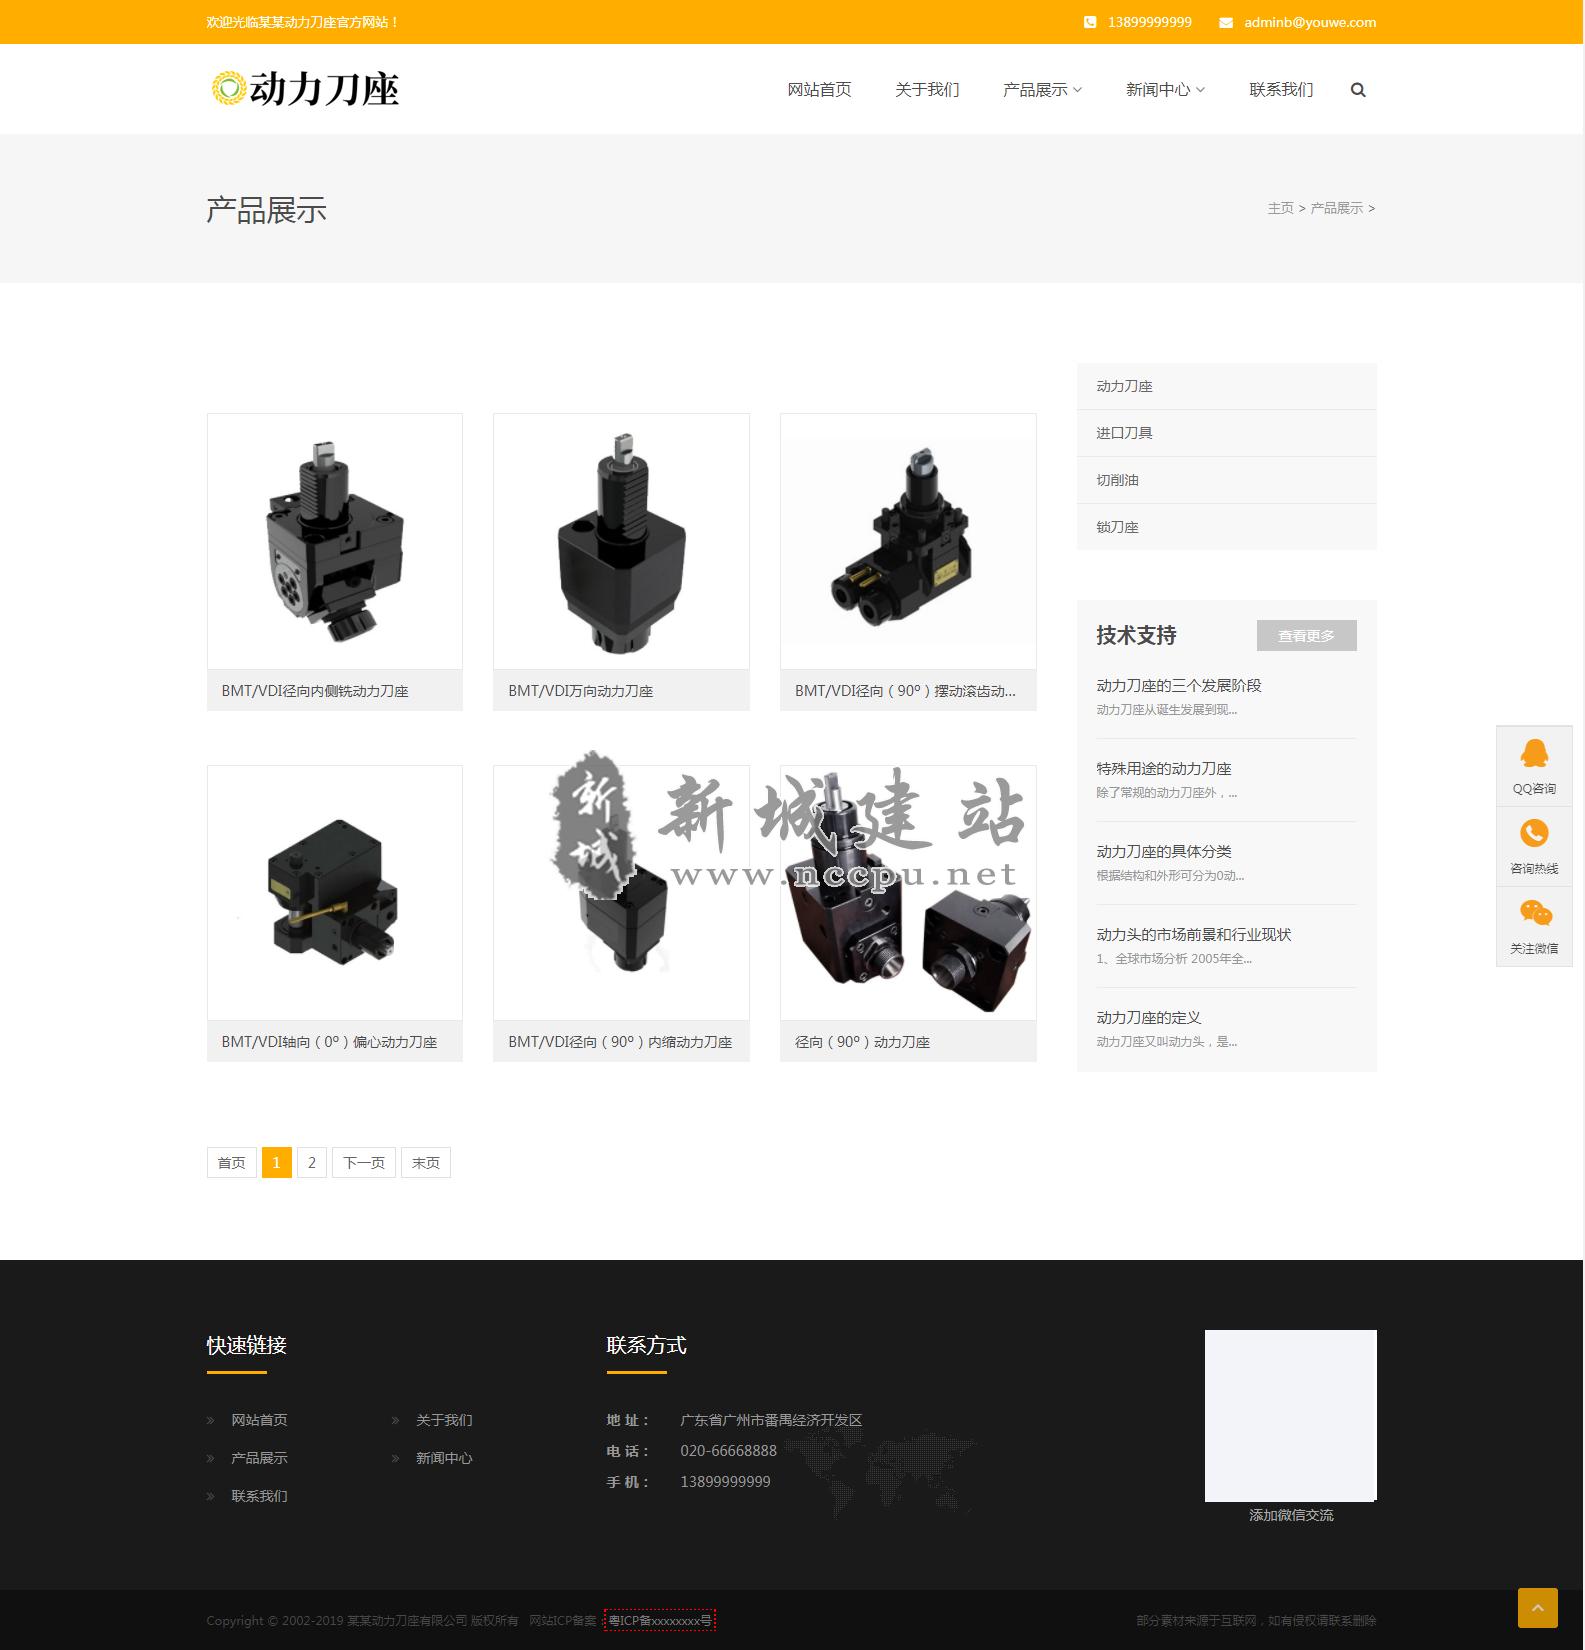 响应式企业动力刀座类公司欧宝娱乐代理申请产品展示